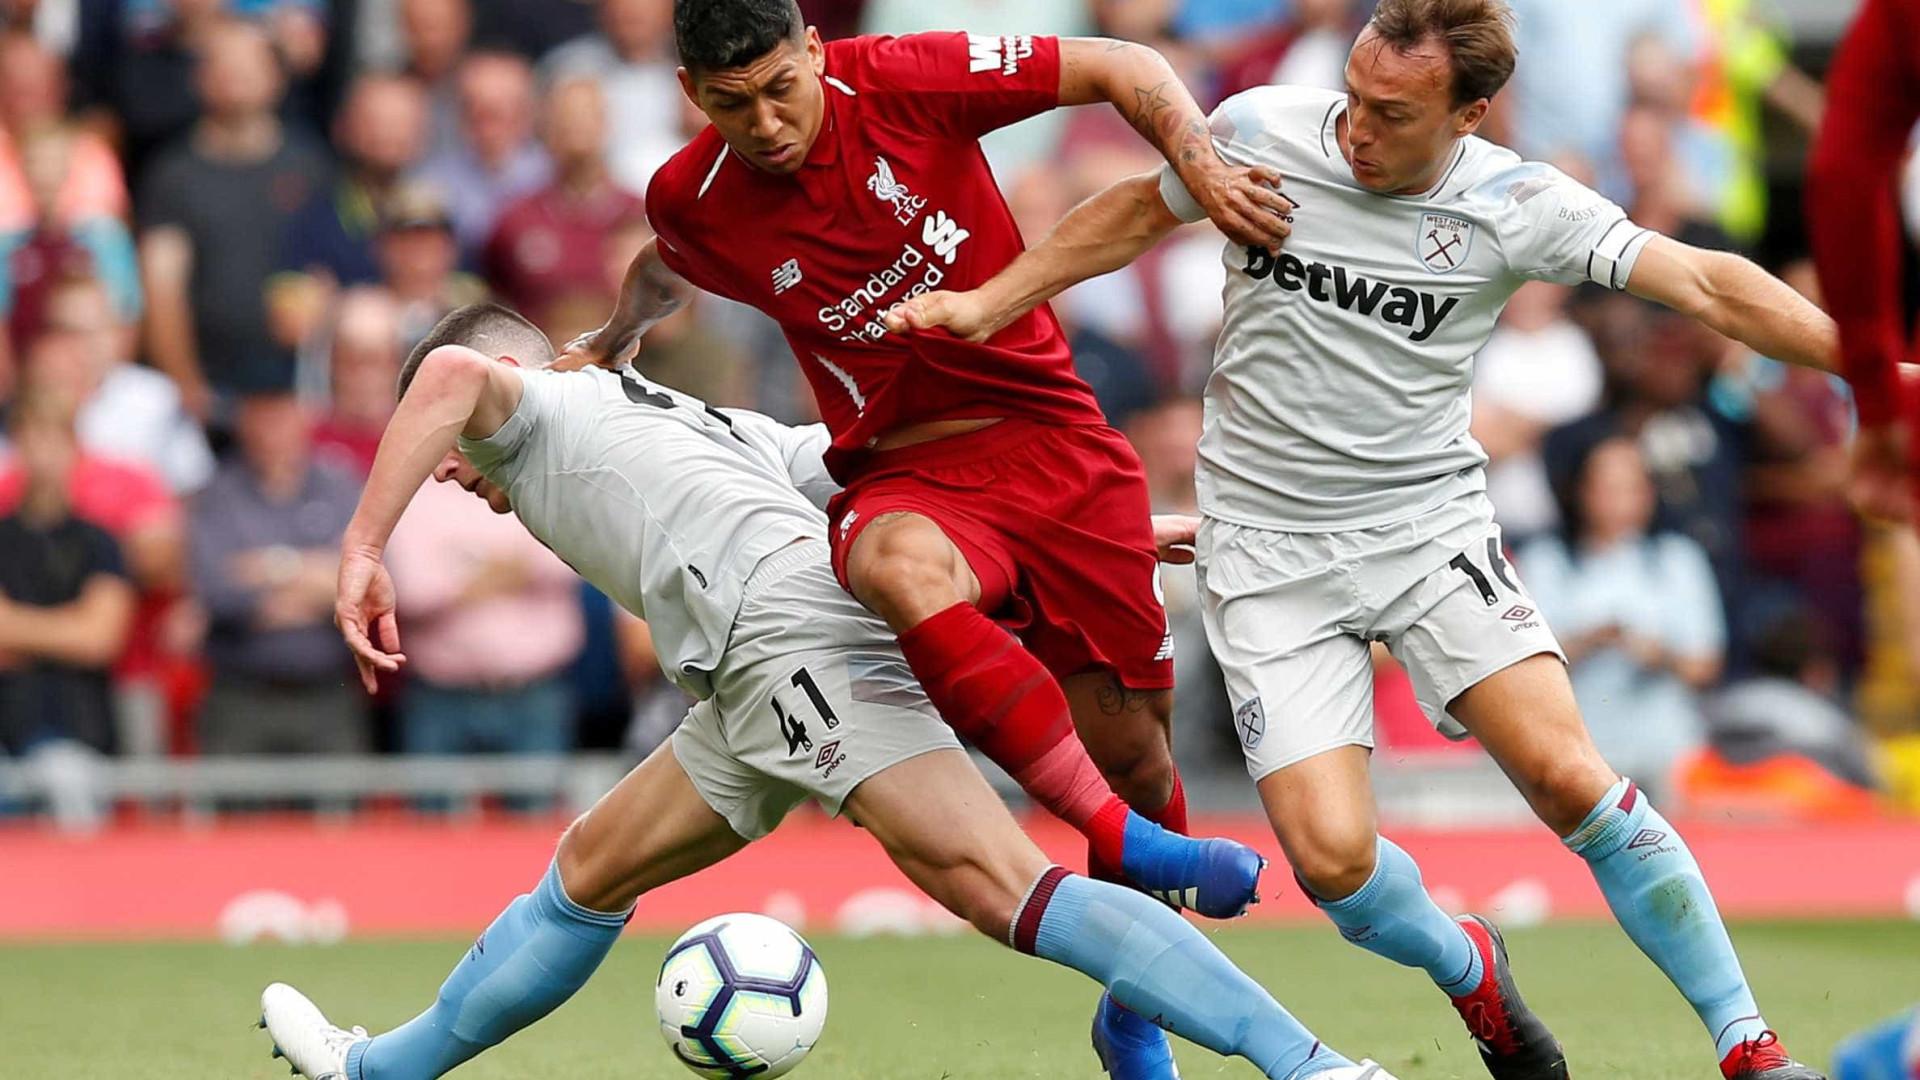 Liverpool de Firmino e Alisson atropela o West Ham